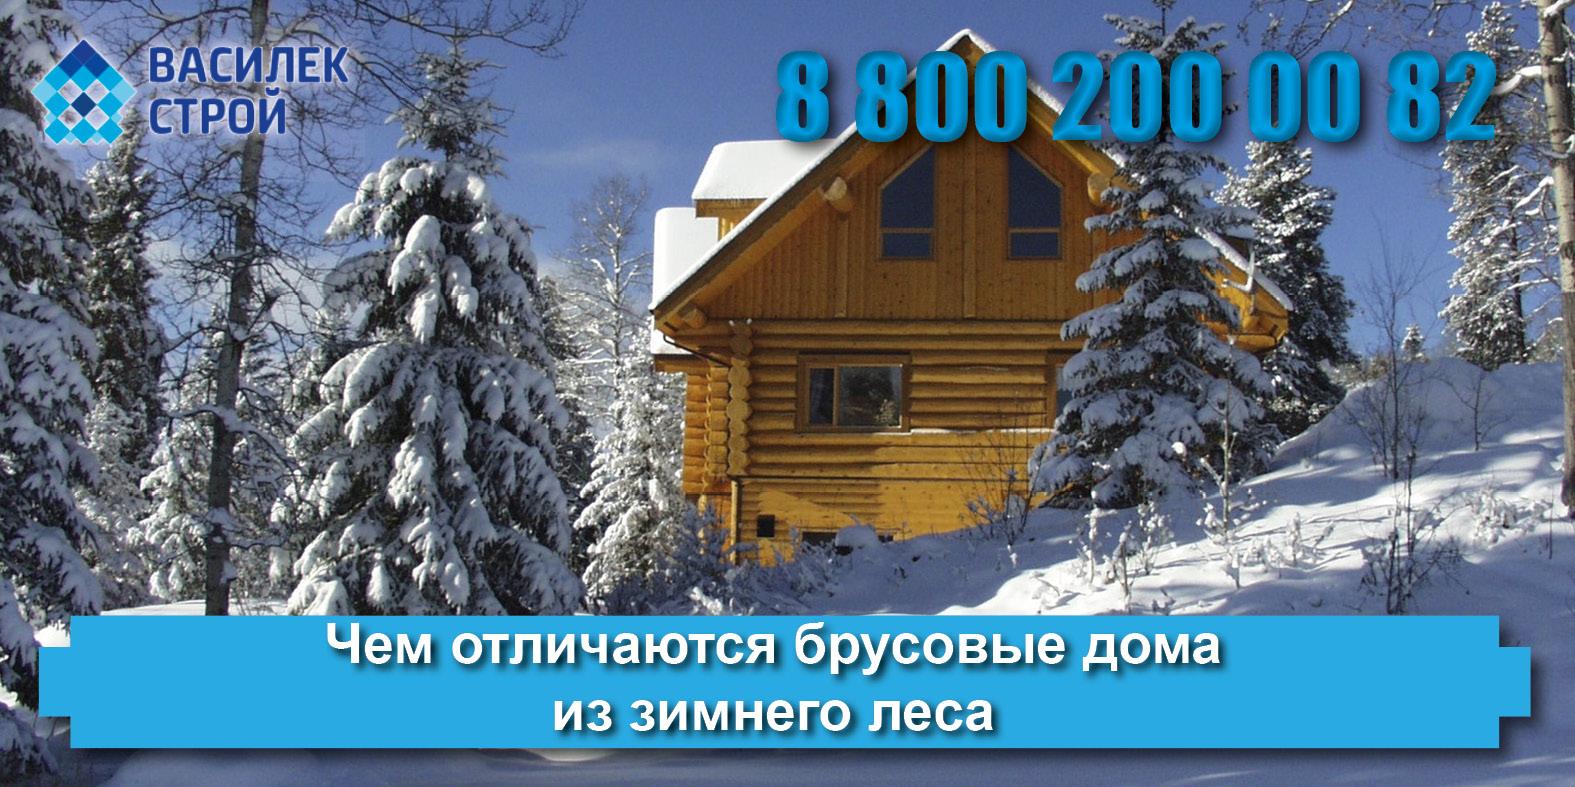 Как построить деревянный дом: выбор материалов для брусового дома: деревянные дома и деревянное домостроение